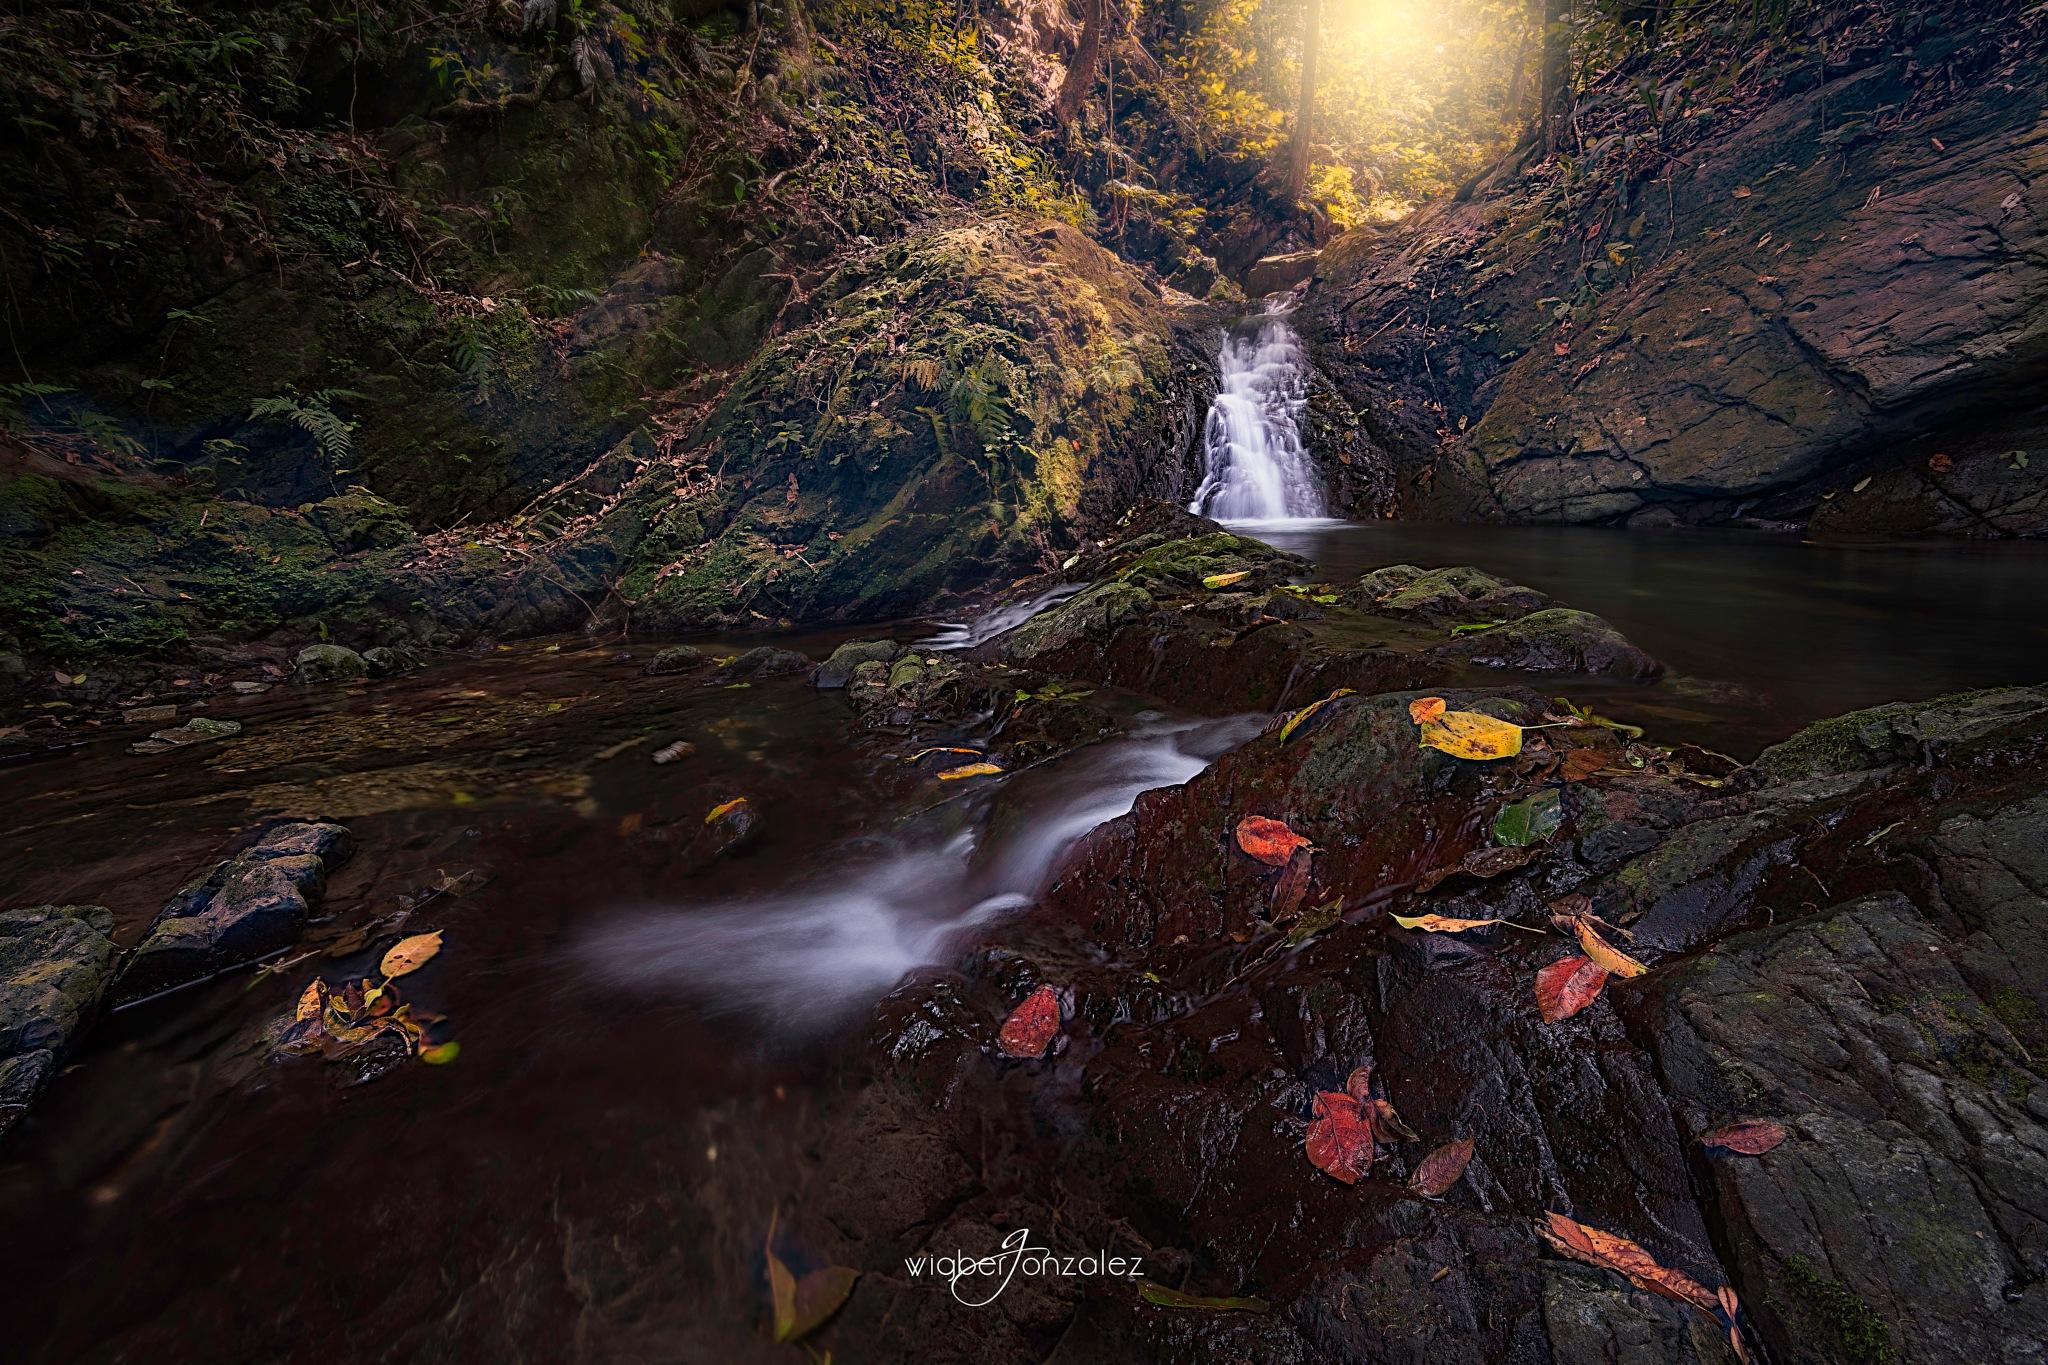 Autumna by Wigber Gonzalez